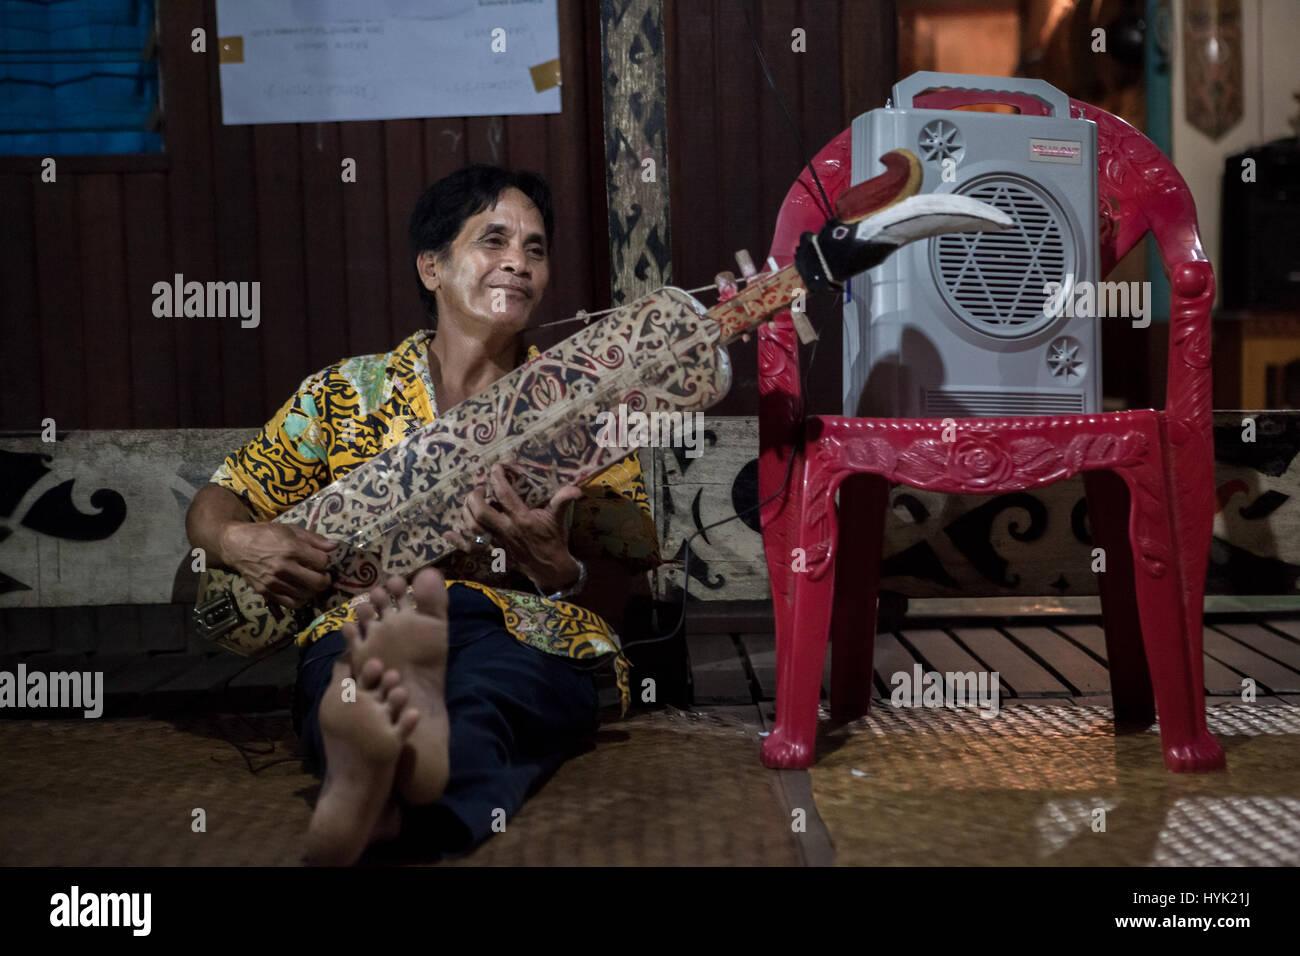 L'uomo gioca sape, tradizionale strumento musicale della comunità dayak, all'interno di Bali Gundi Immagini Stock